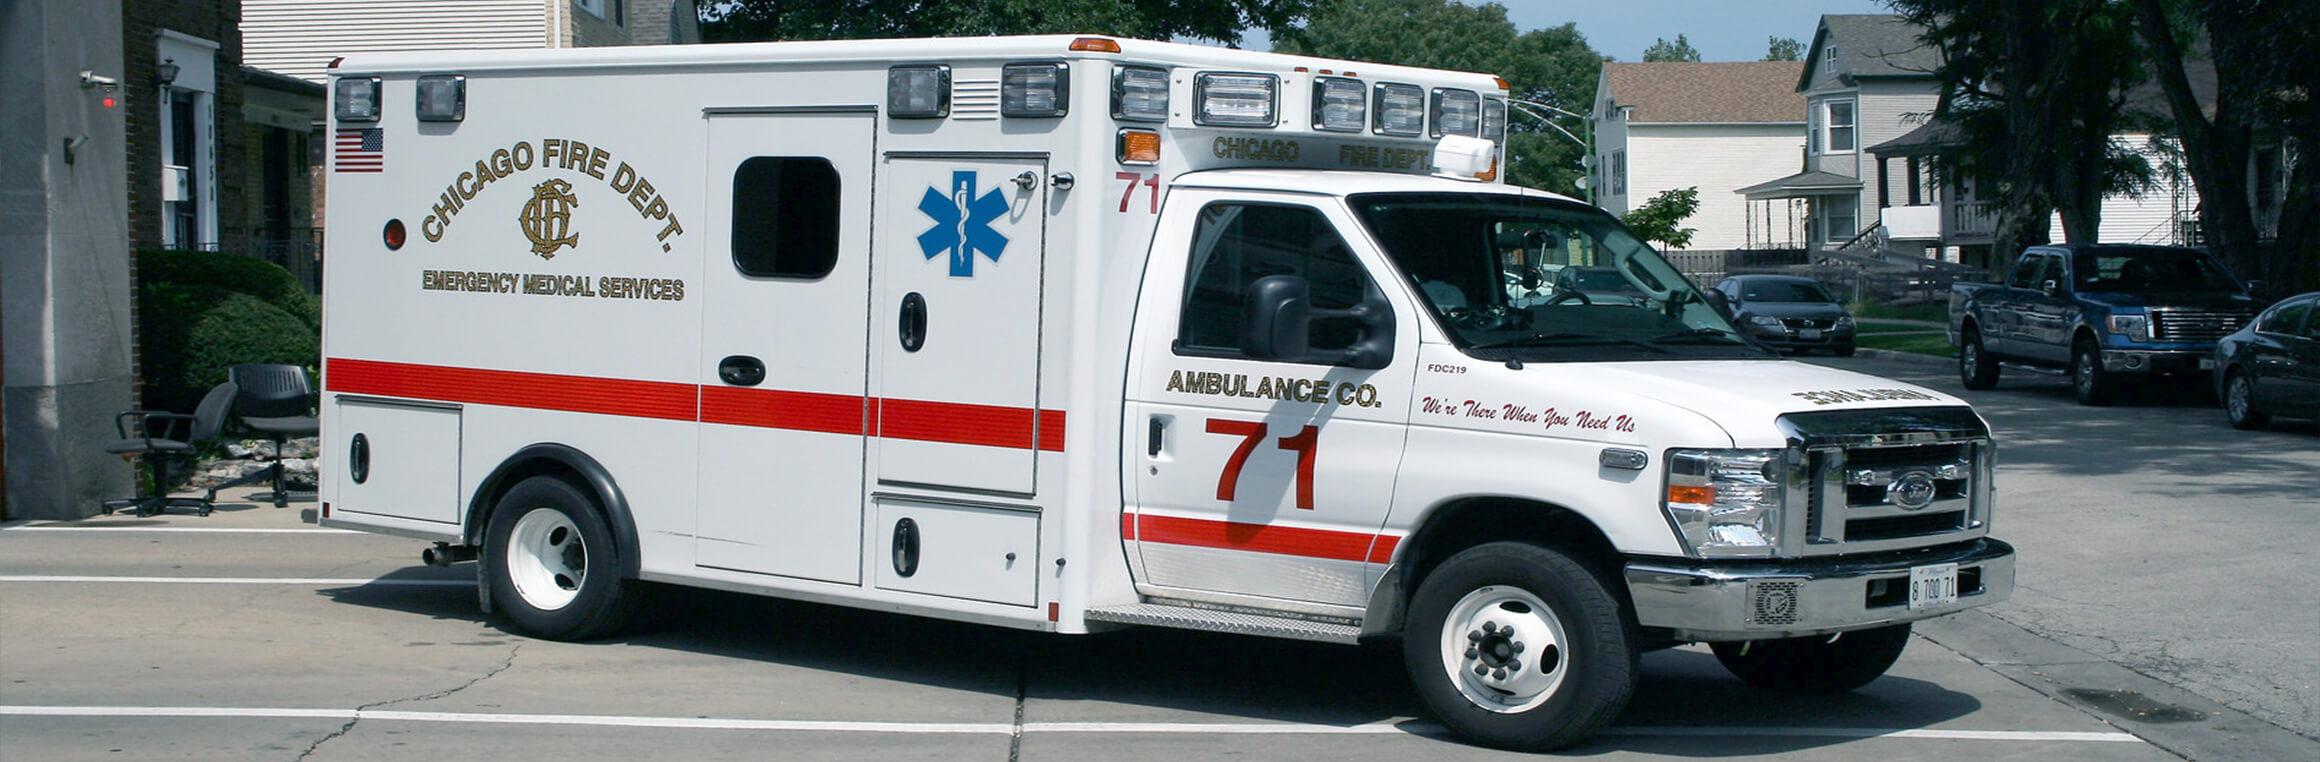 Ambulance Custom